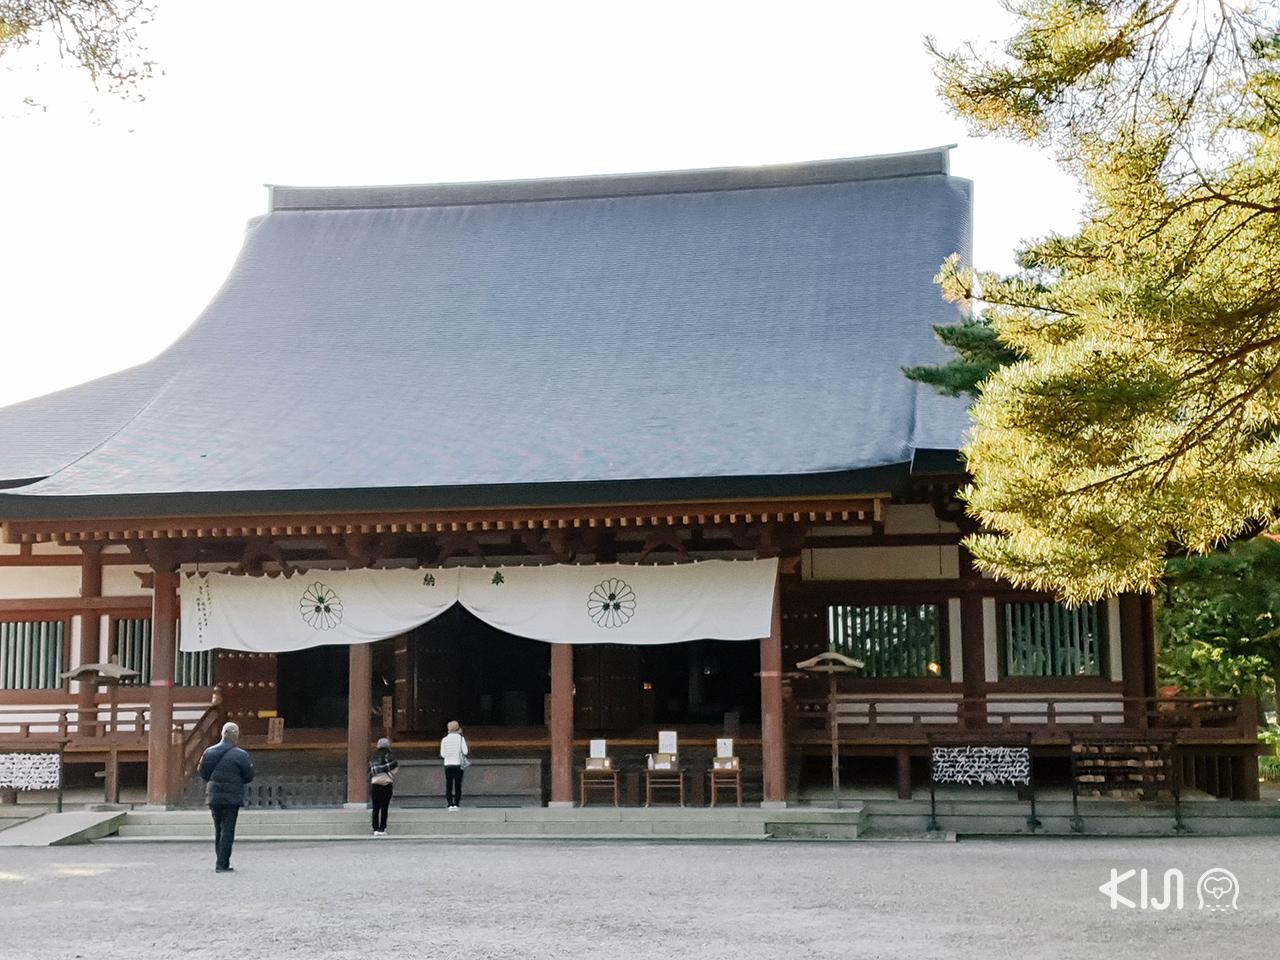 เที่ยว โทโฮคุ ช่วง ใบไม้เปลี่ยนสี พร้อมไหว้พระขอพรที่วัดโมสึจิ (Motsuji Temple)